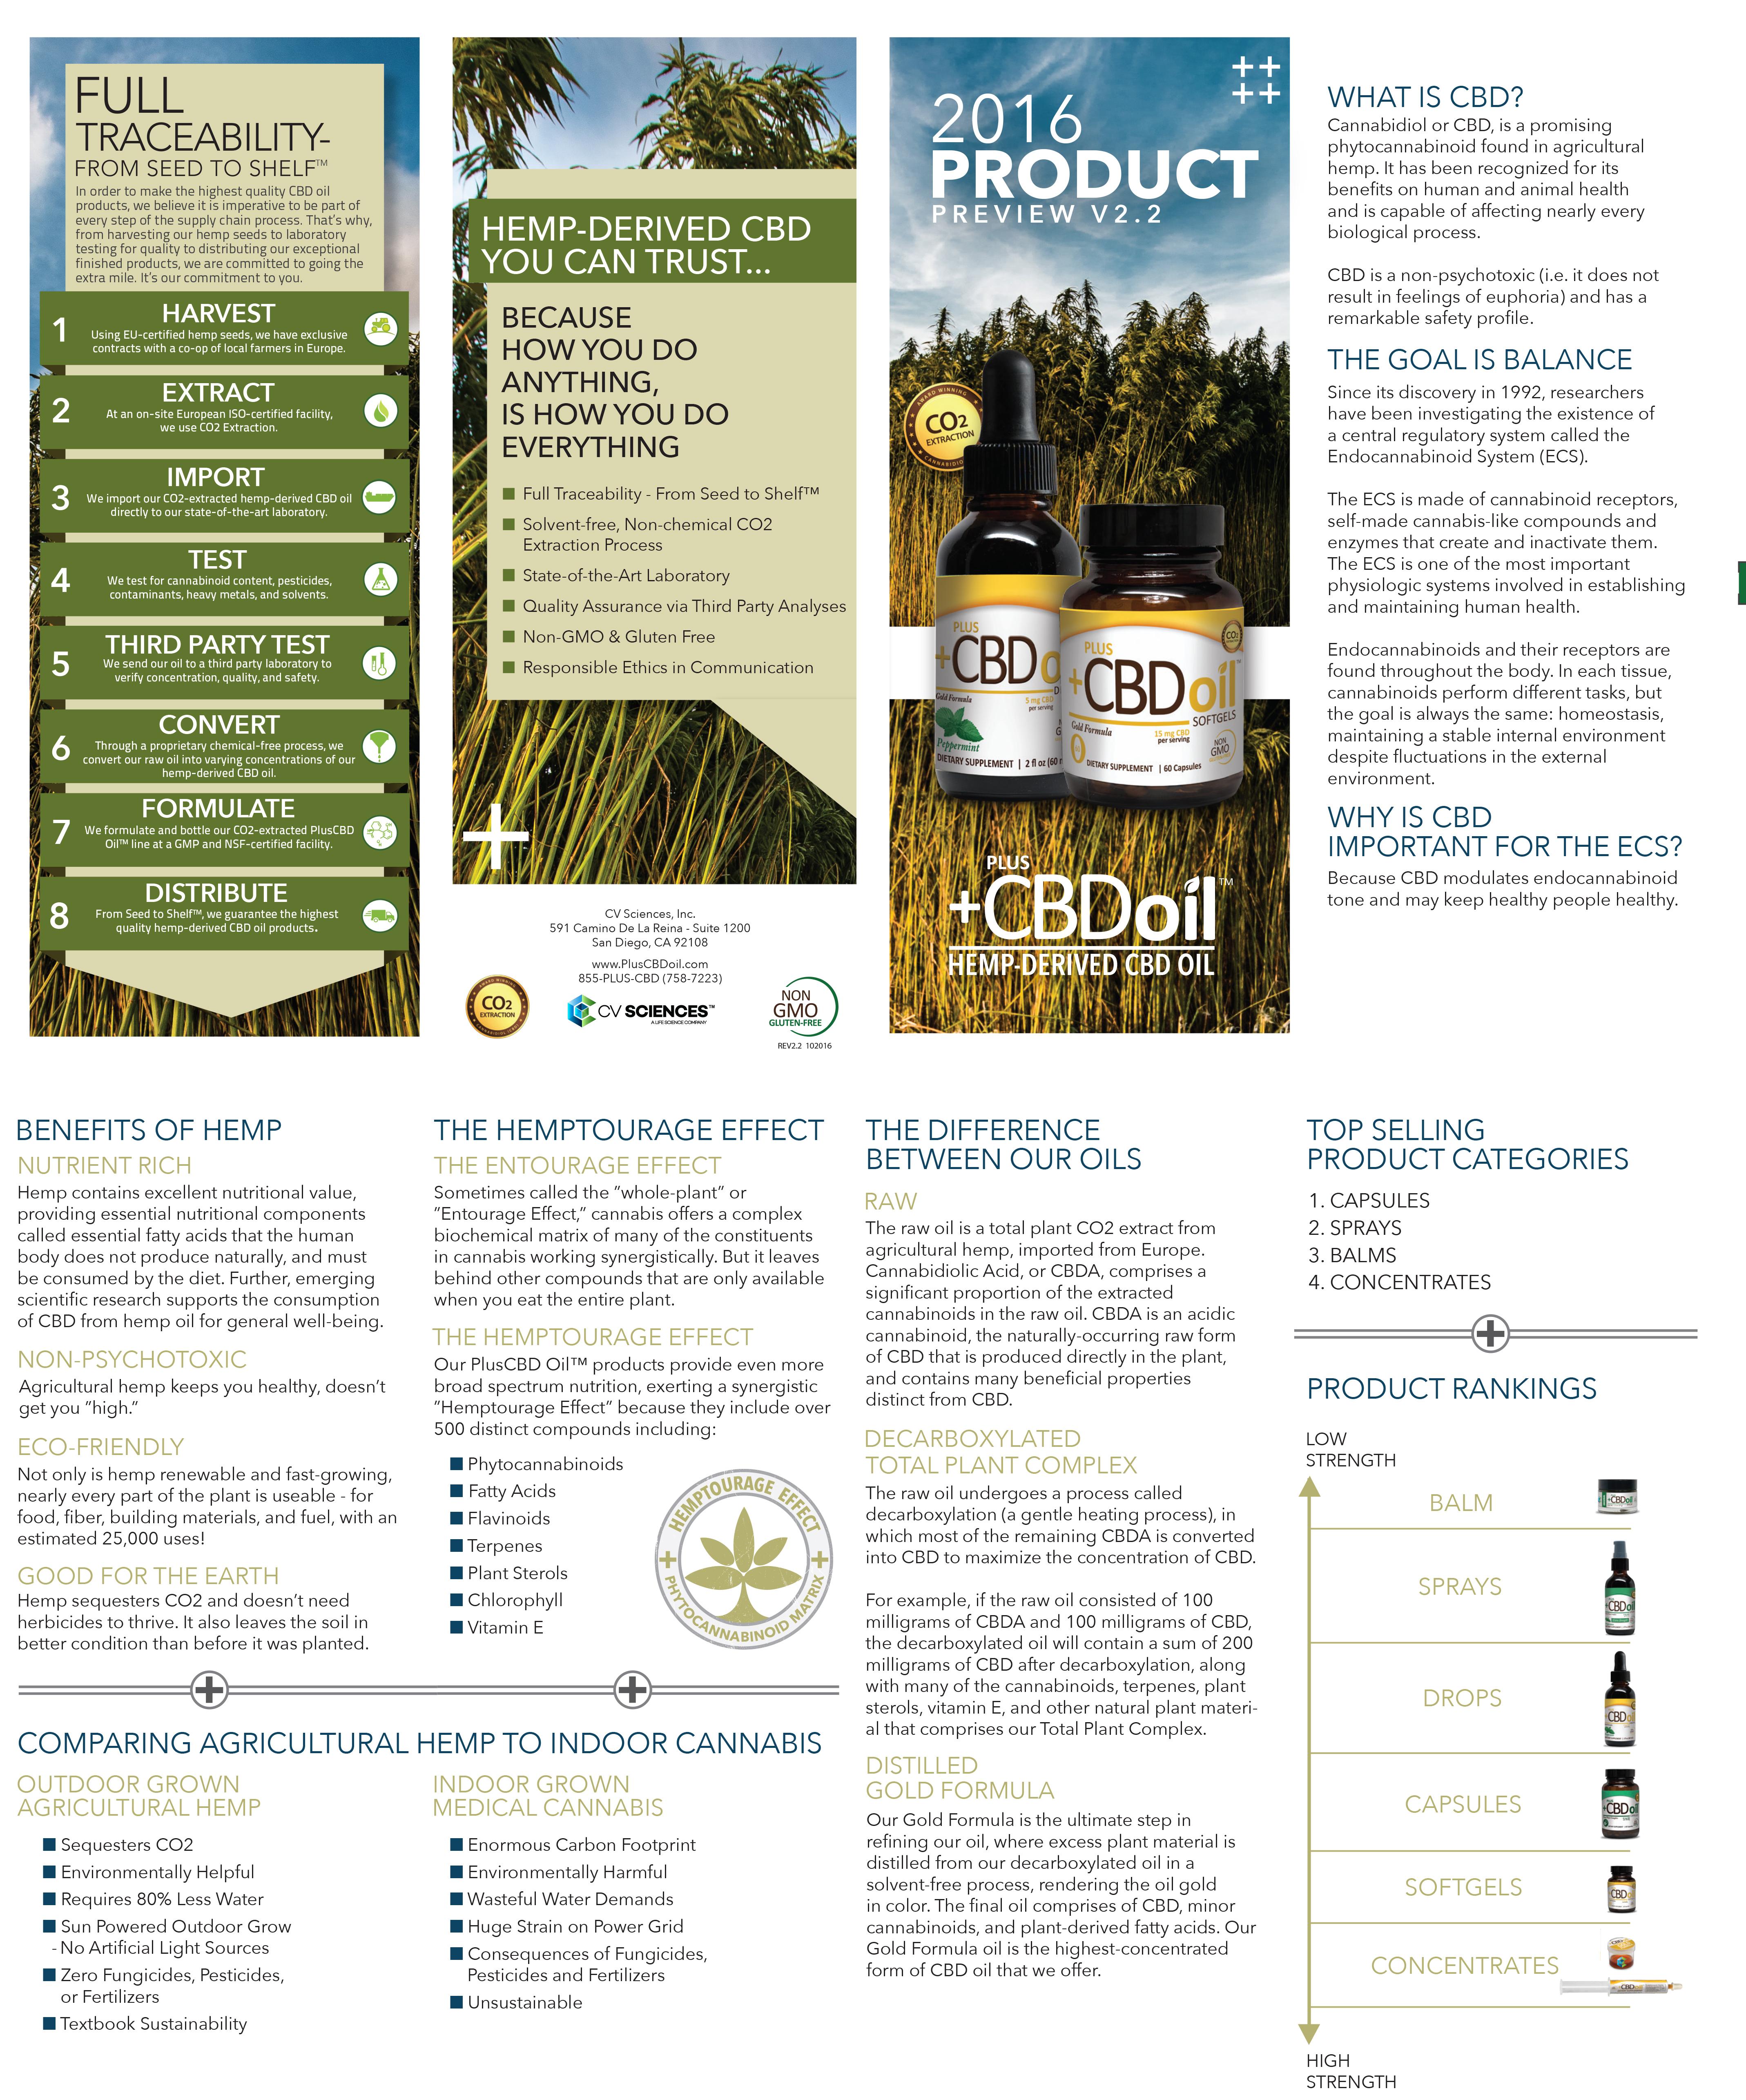 plus-cbd-oil-product-brochure-v-2-1-2-1